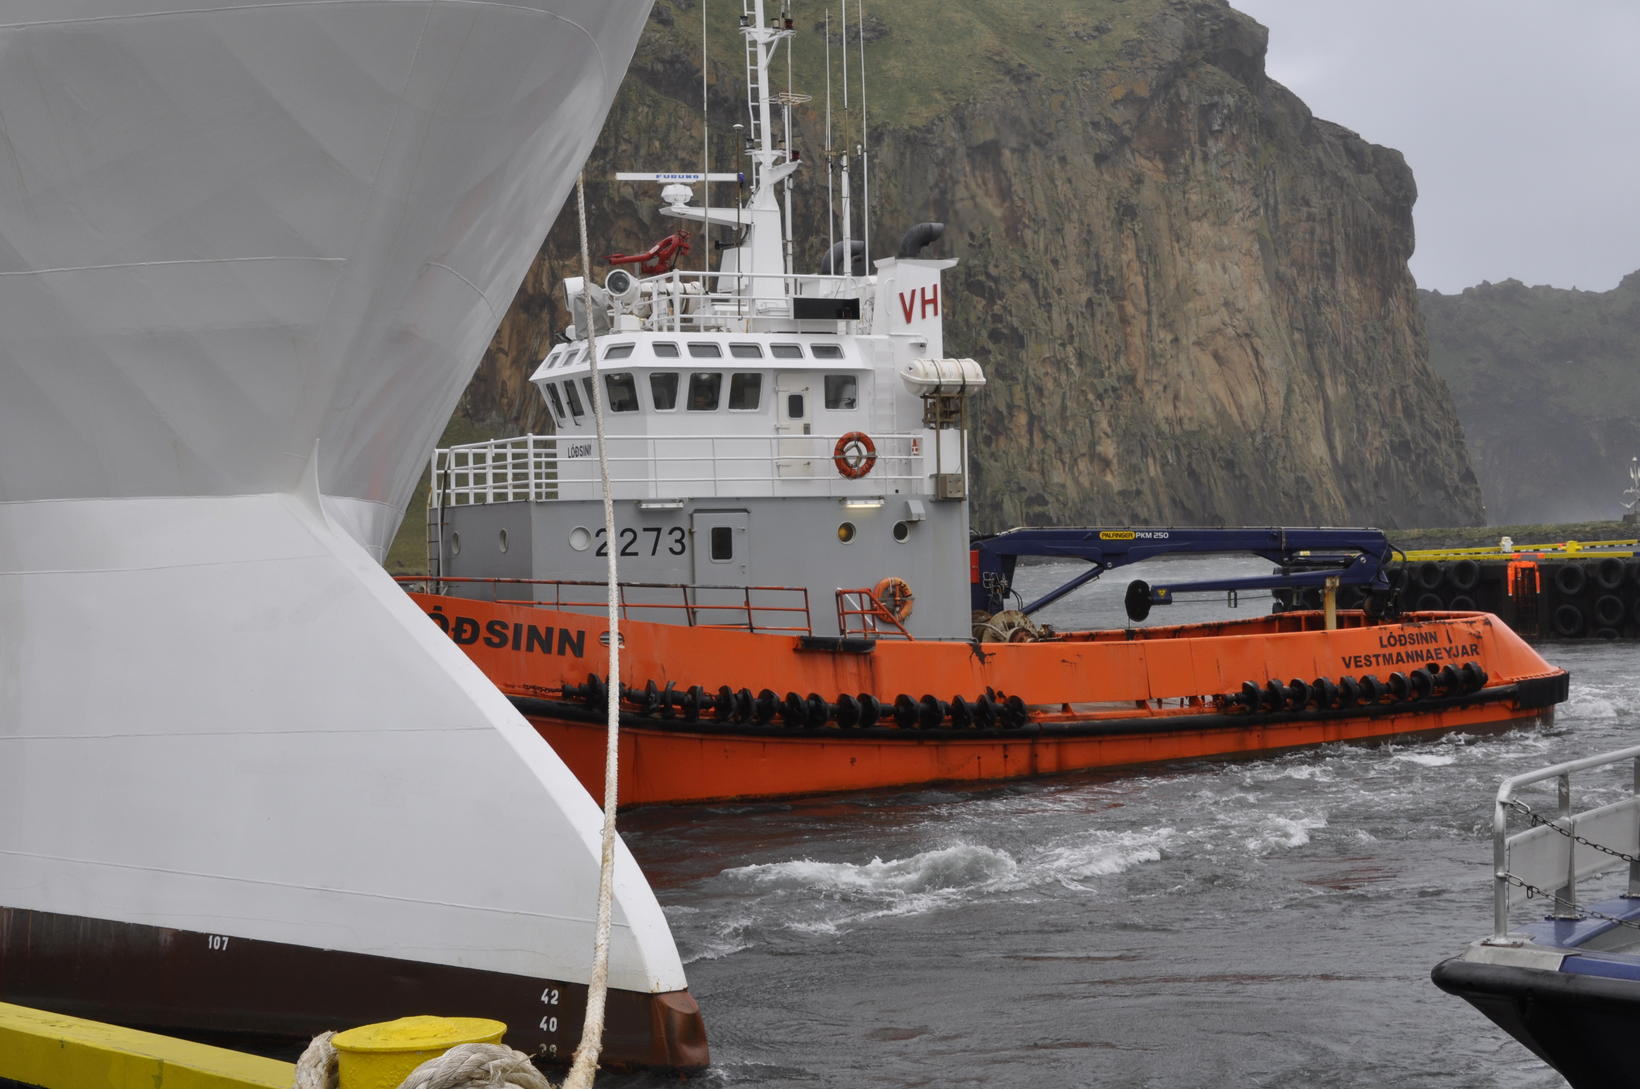 The towboat Lóðsinn.